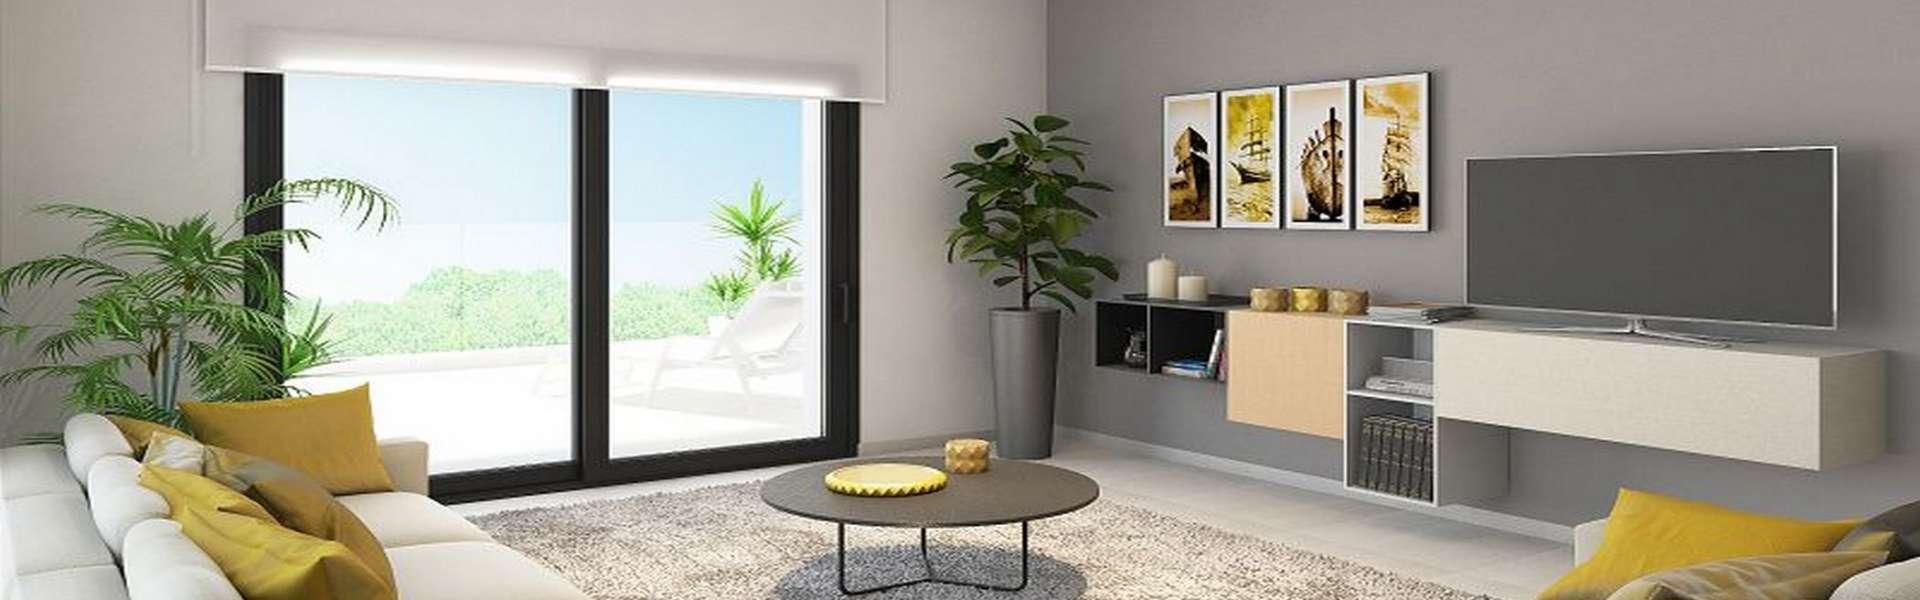 Exklusive Wohnungen in Portocolom zum Verkauf